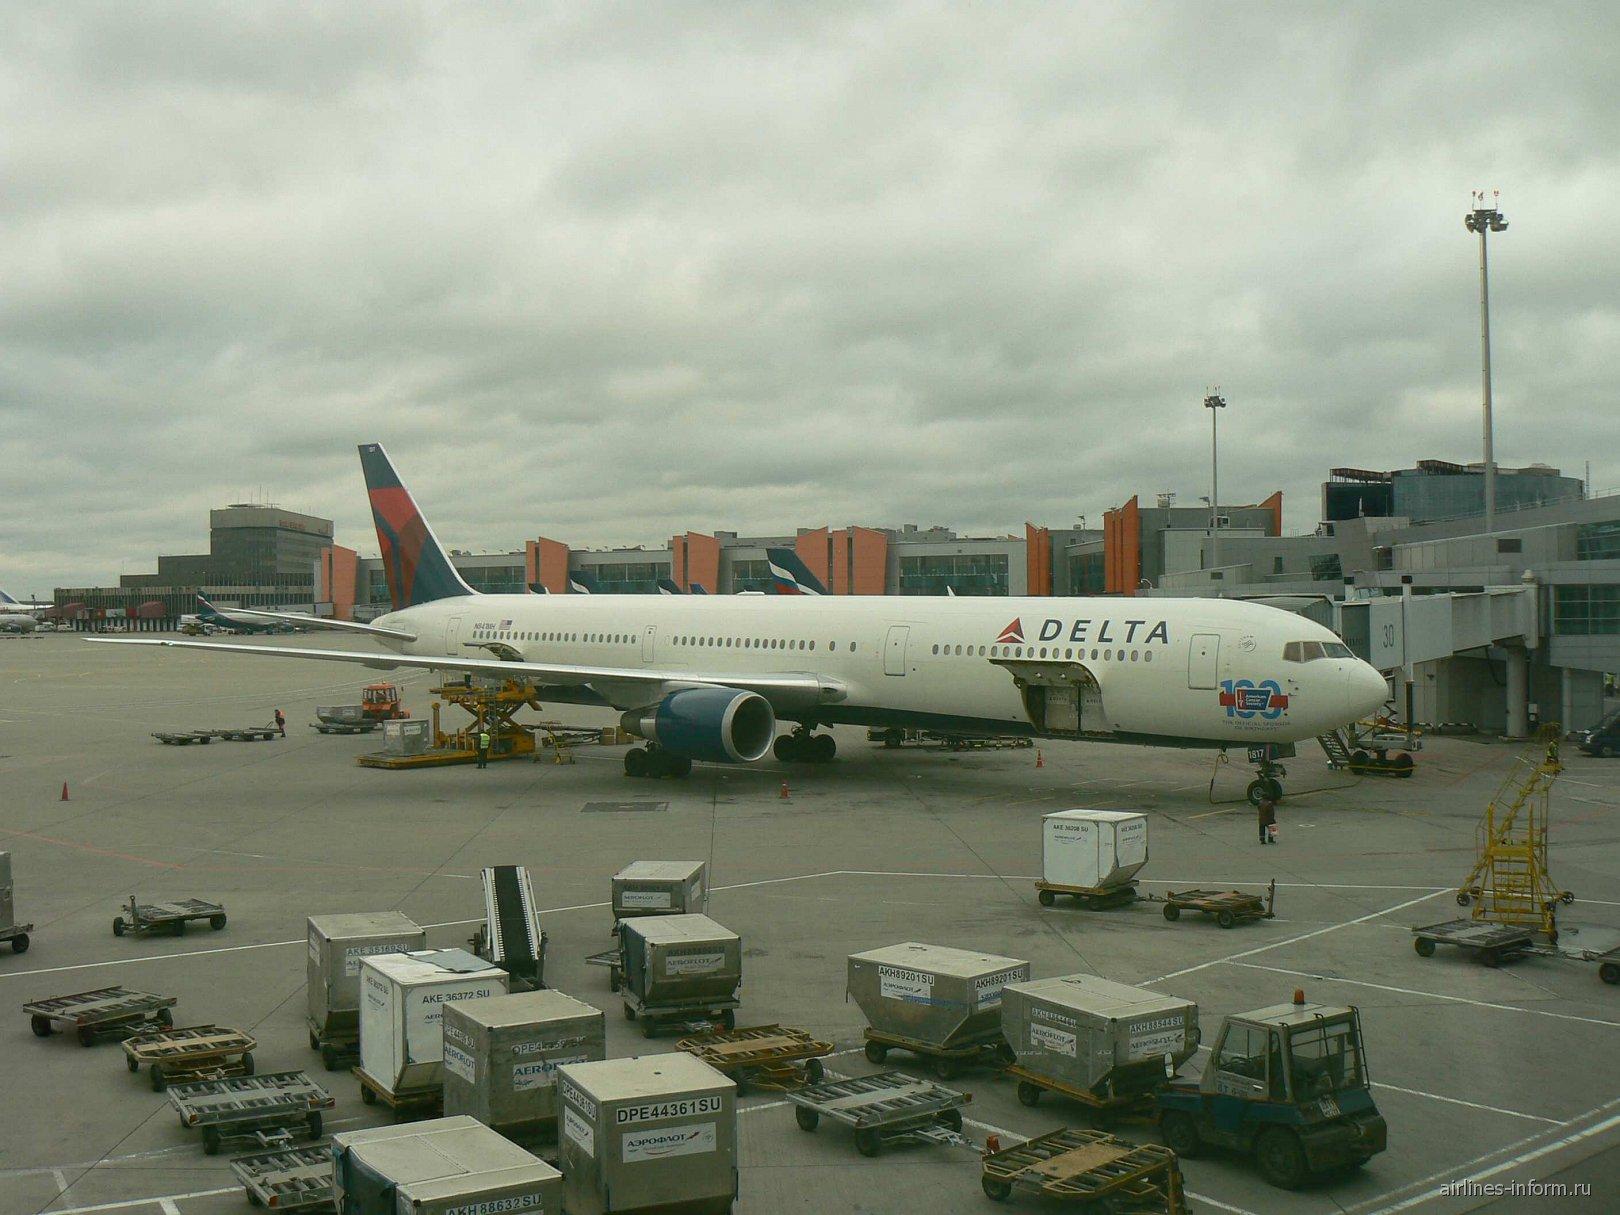 Боинг-767-400 авиакомпании Delta в аэропорту Шереметьево